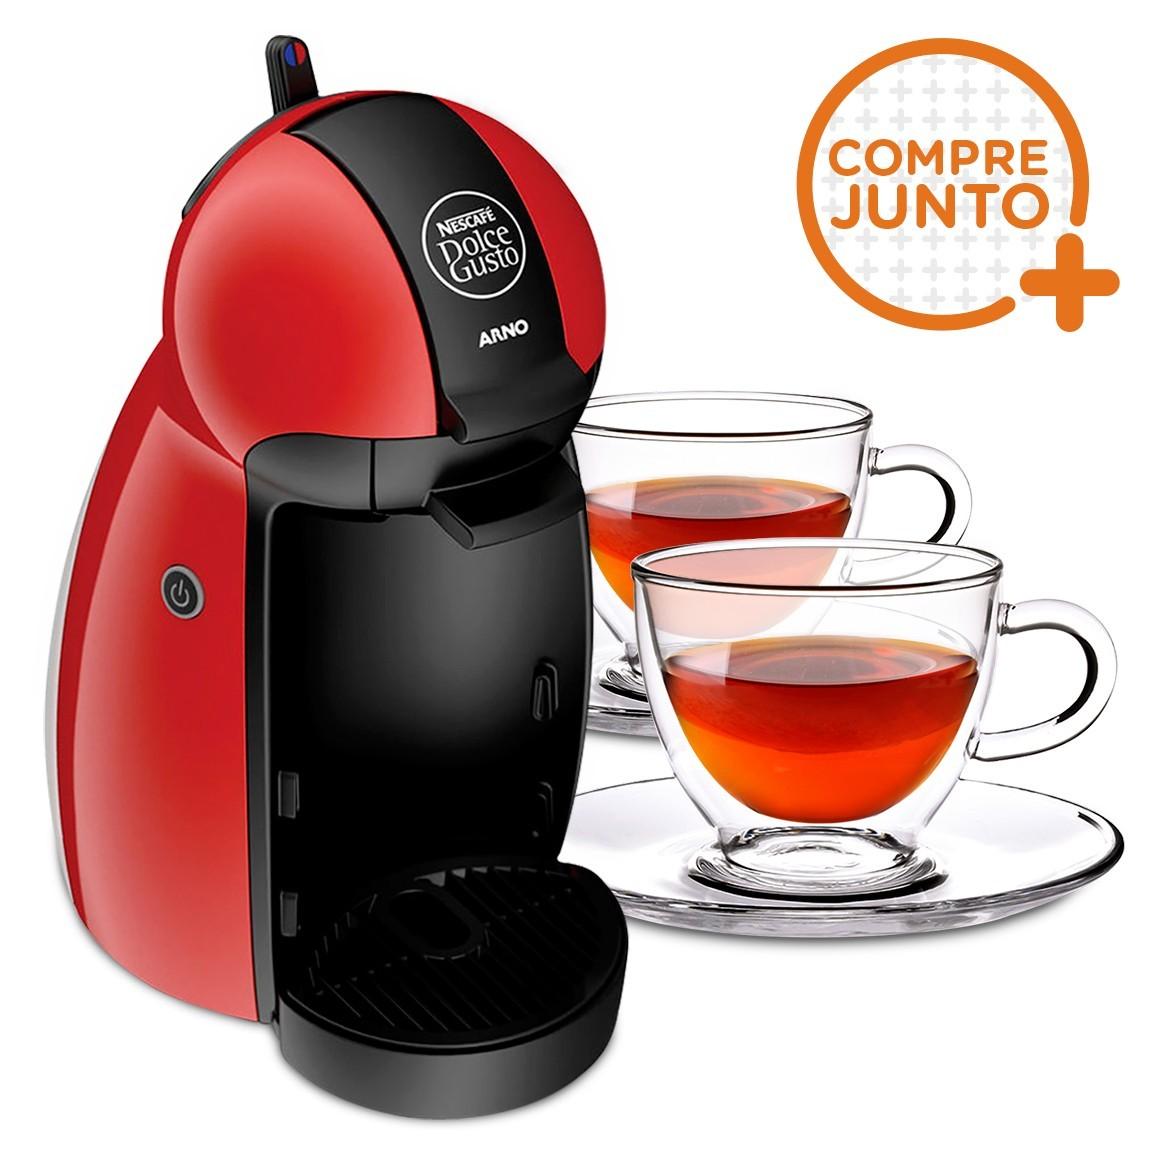 Cafeteira Expresso Dolce Gusto Piccolo Vermelha 110v + 2 Xícaras para Chá em Vidro Duplo 250ml